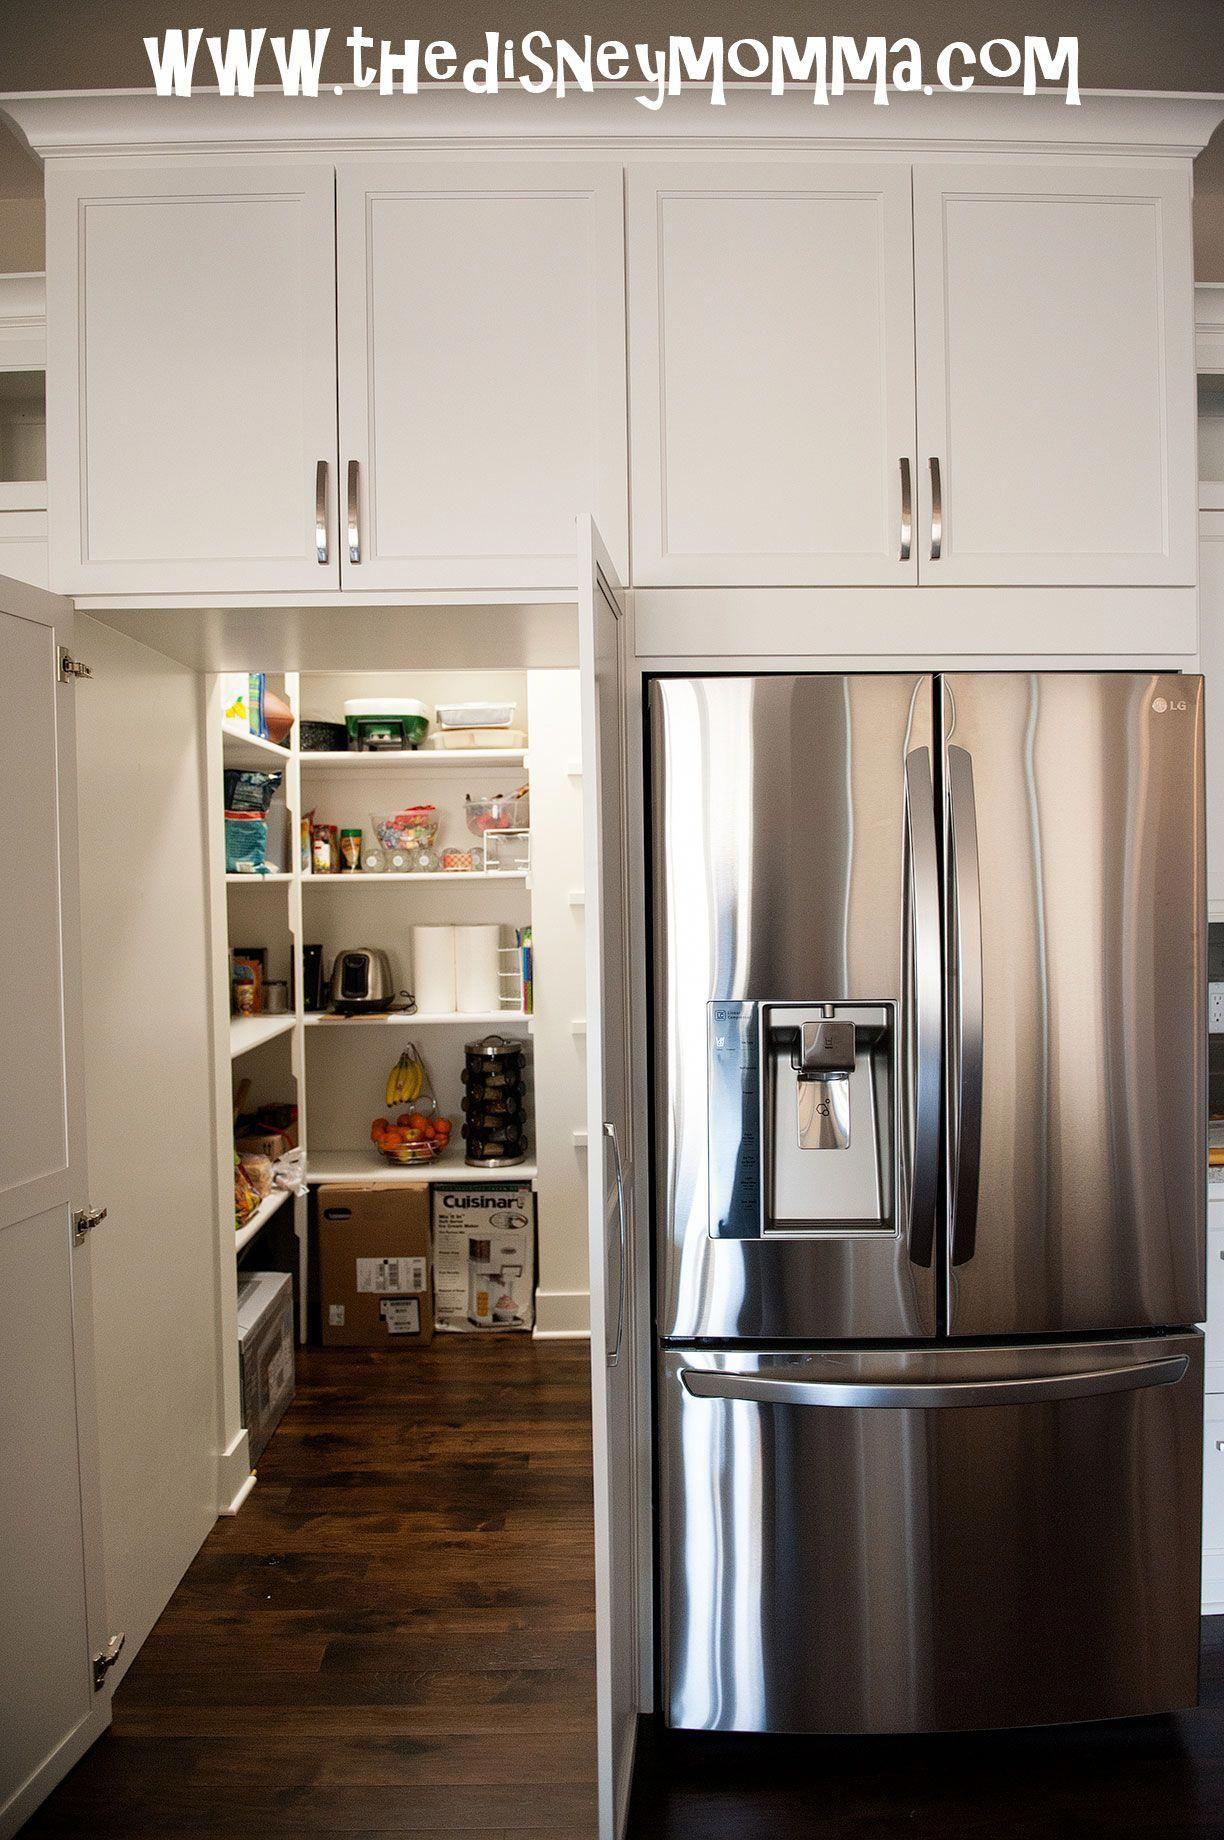 White Kitchen Cabinets Lg French Door Refrigerator With Hidden Walk In Pantry K Cabine Kitchen Pantry Design Kitchen Cabinet Design Hidden Kitchen